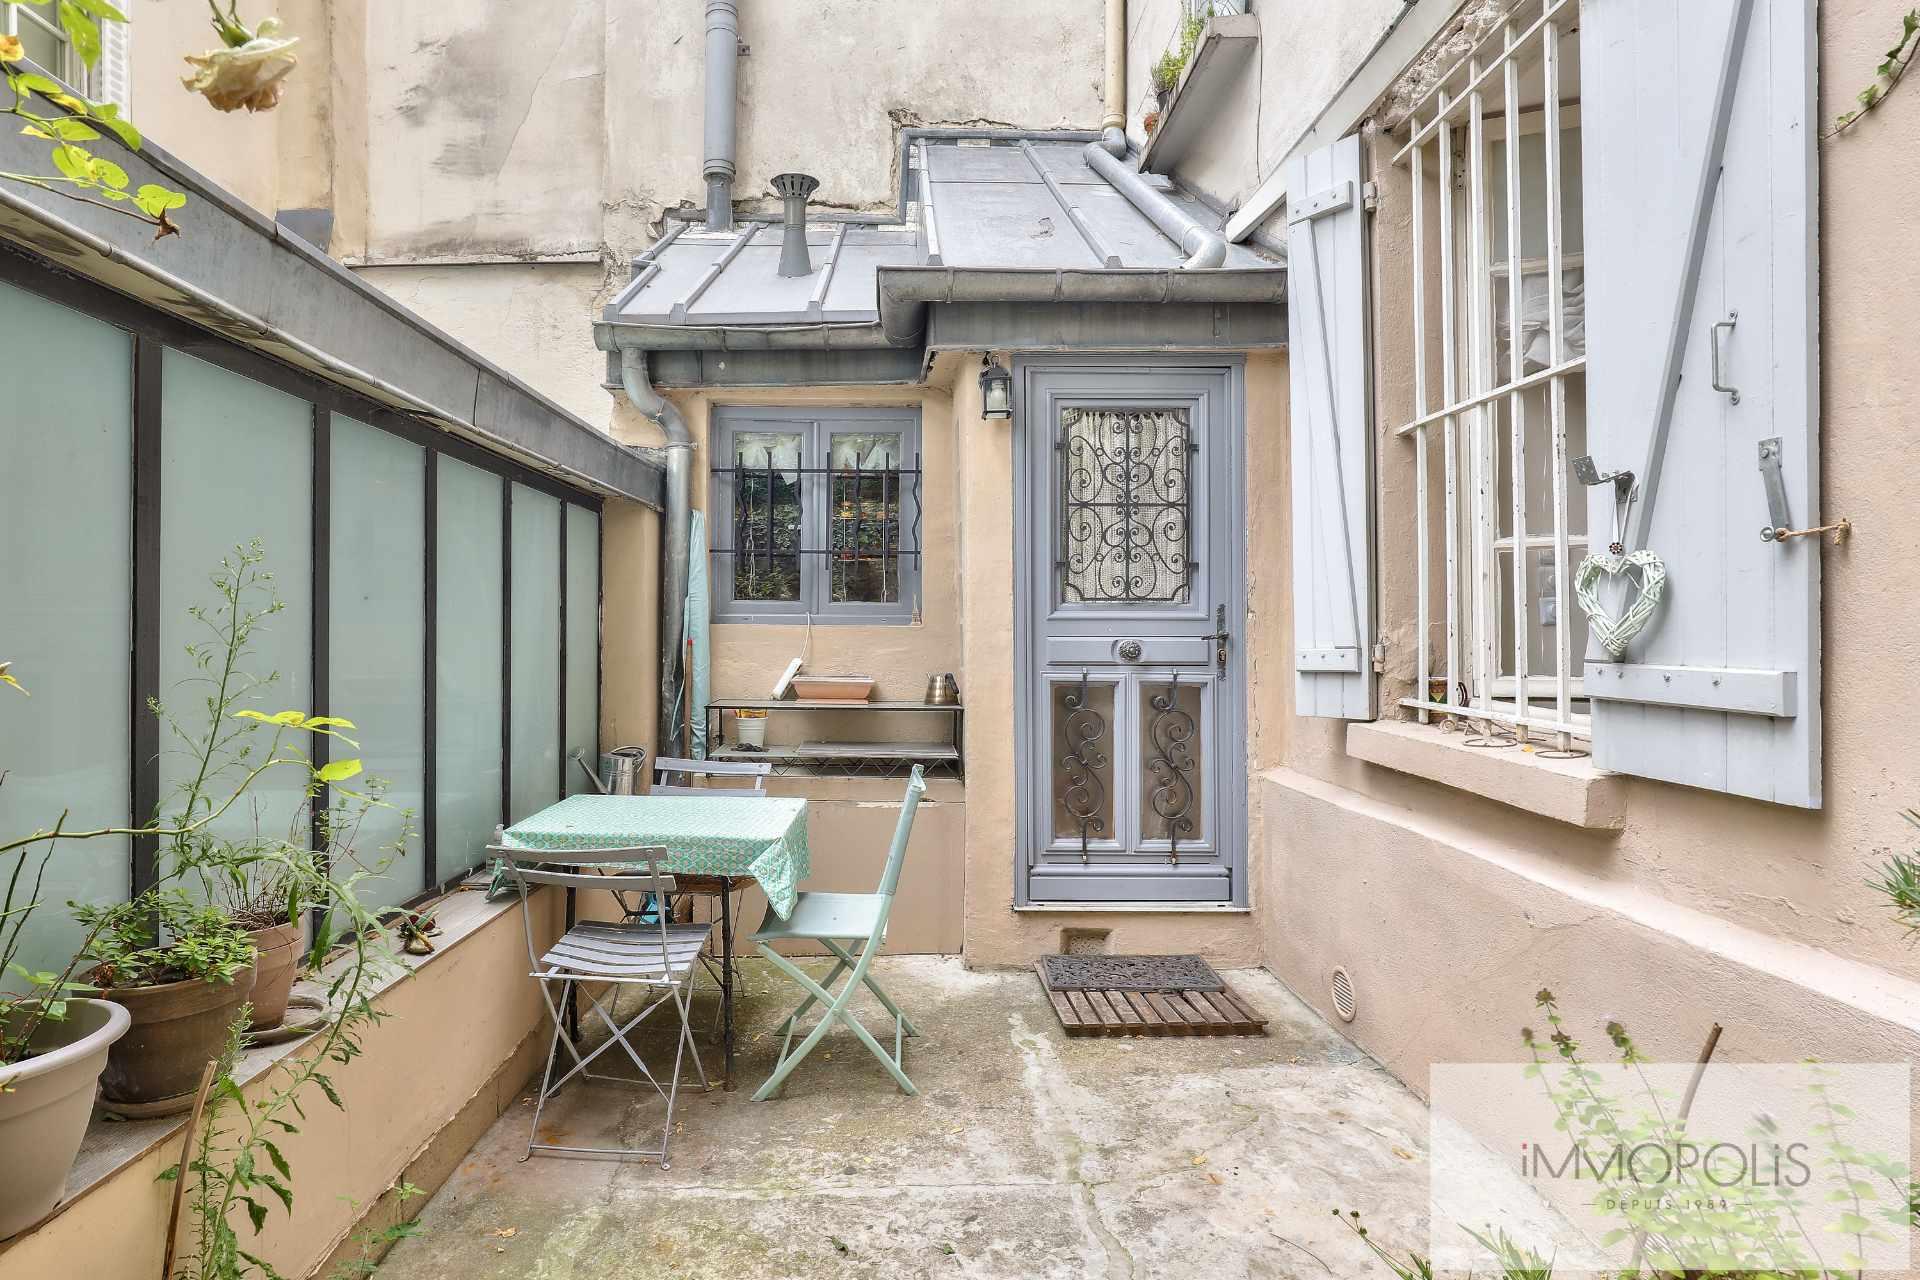 Montmartre, rue Gabrielle, magnifique 2 pièces entièrement rénové avec pierres, briques et poutres apparentes : comme une maison ! 1